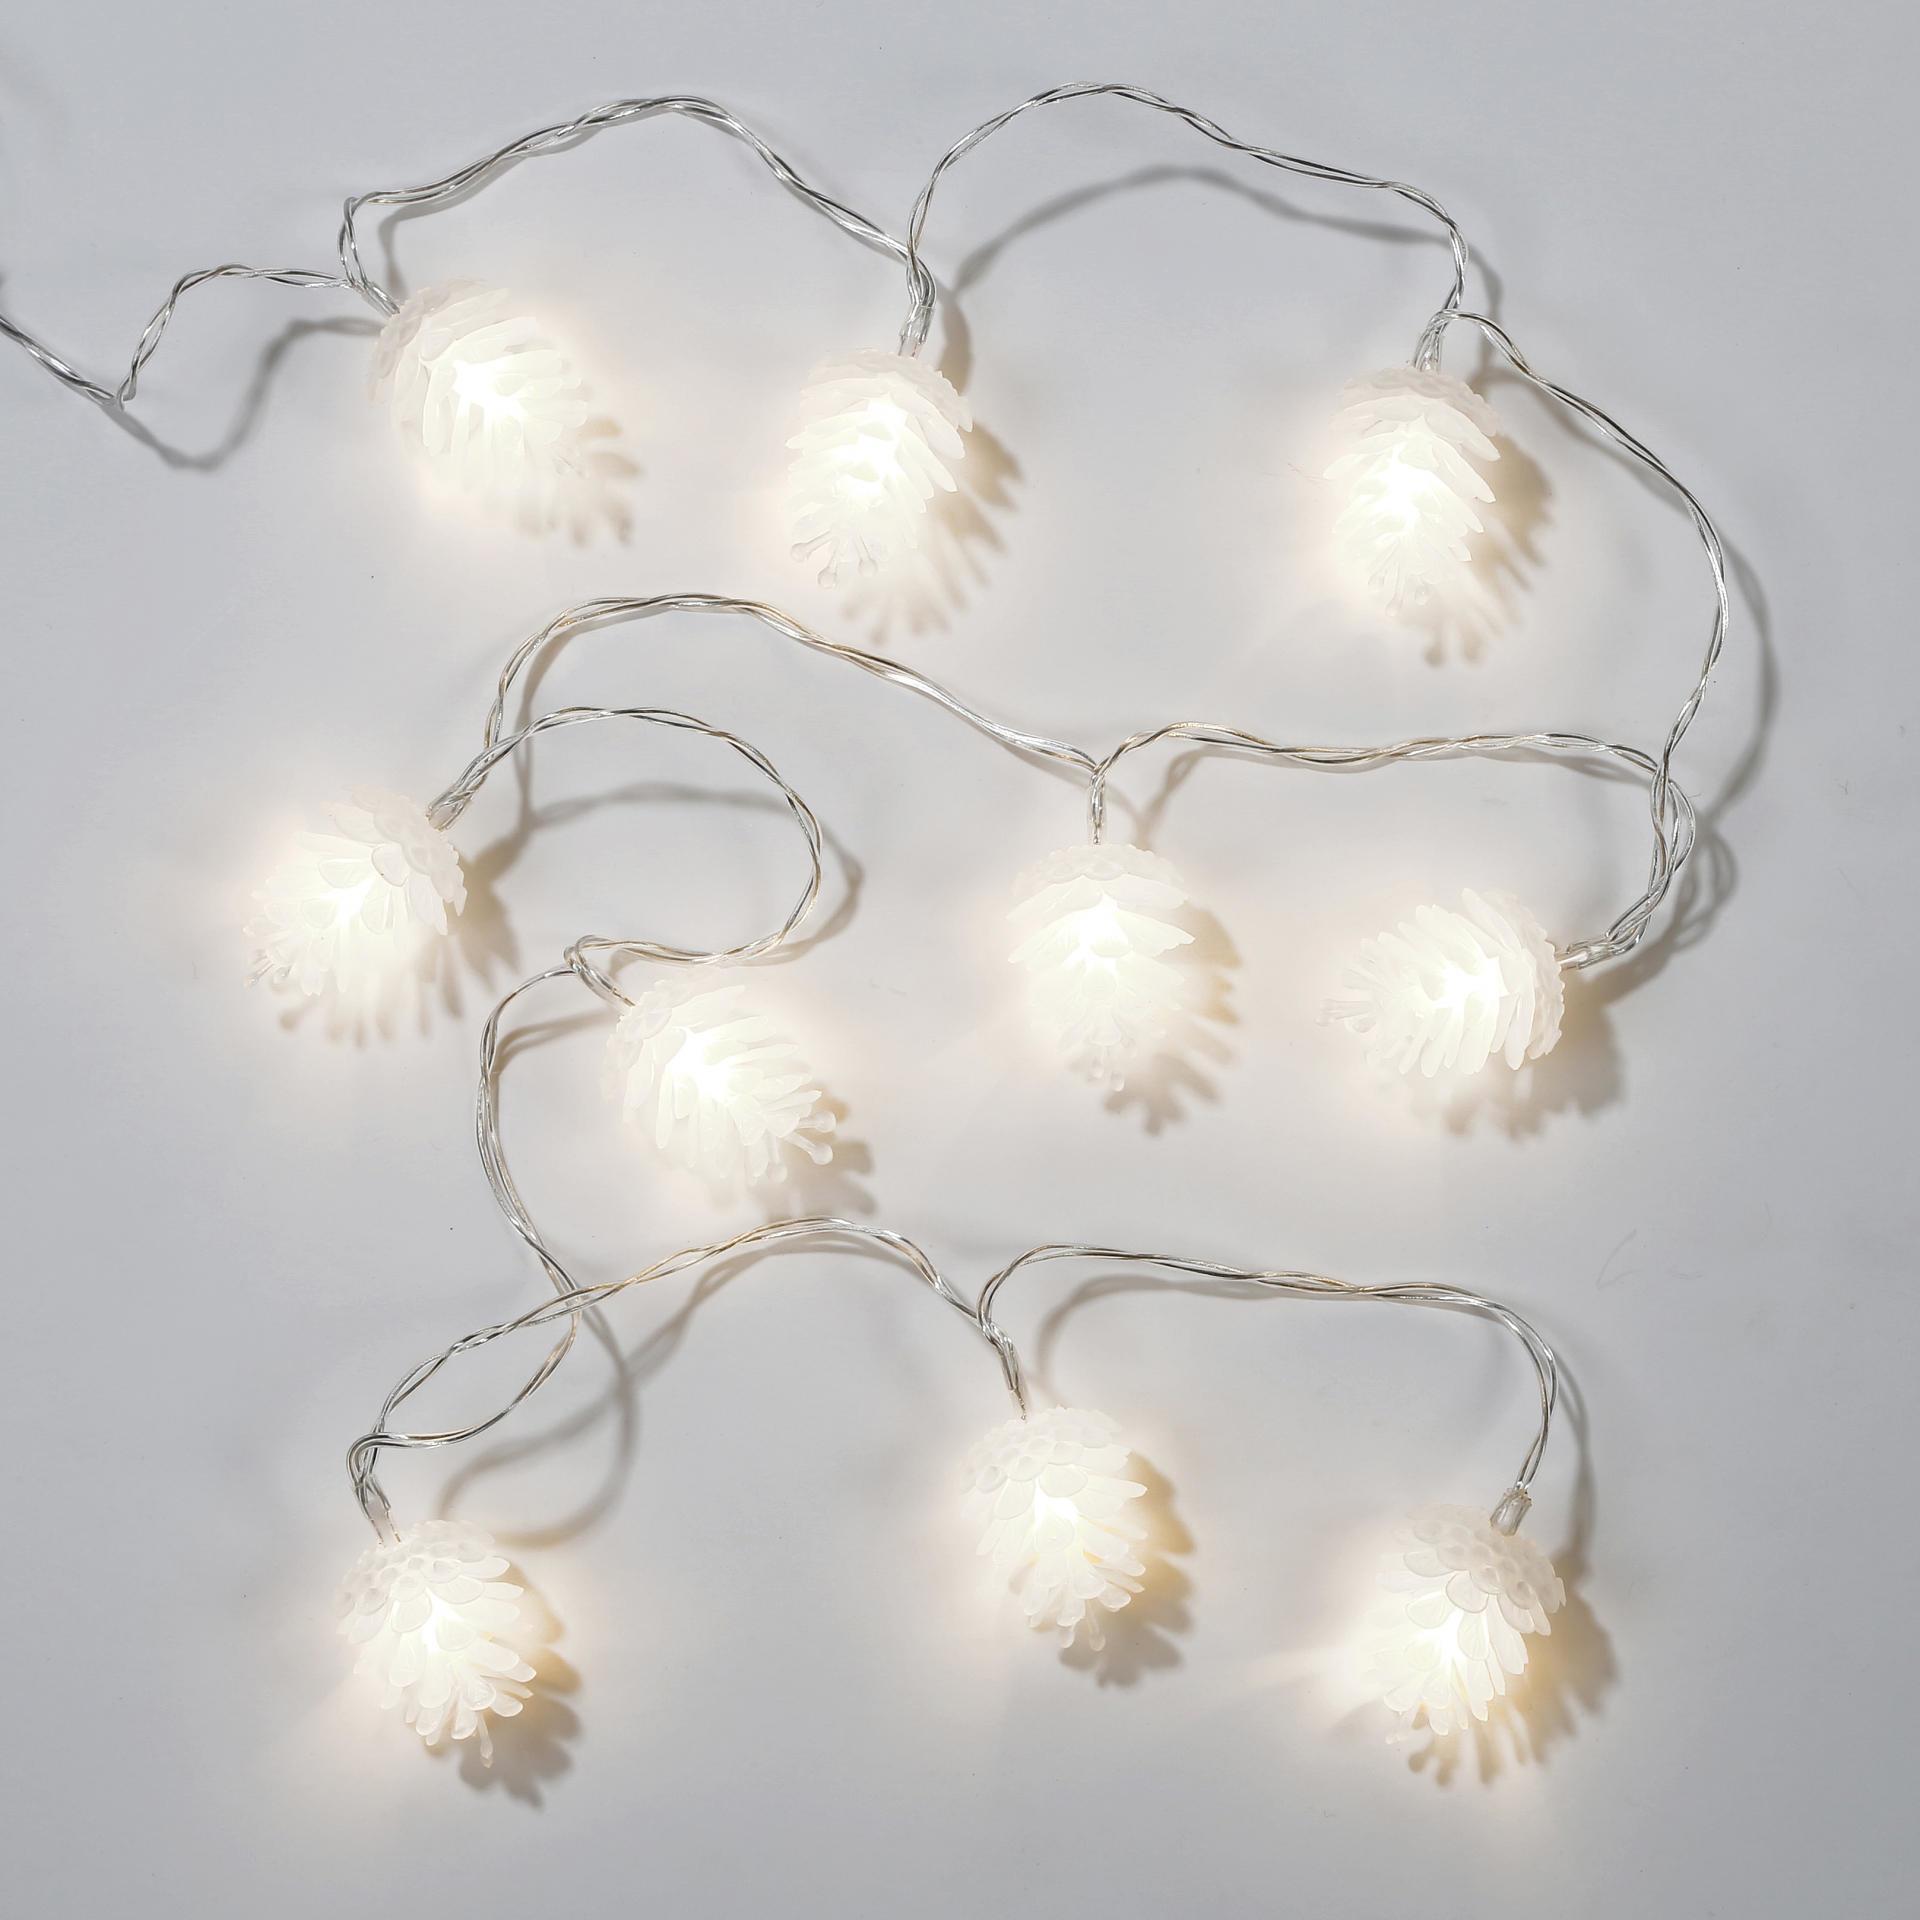 Talking Tables Světelný LED řetěz s šiškami Pinecone, bílá barva, plast